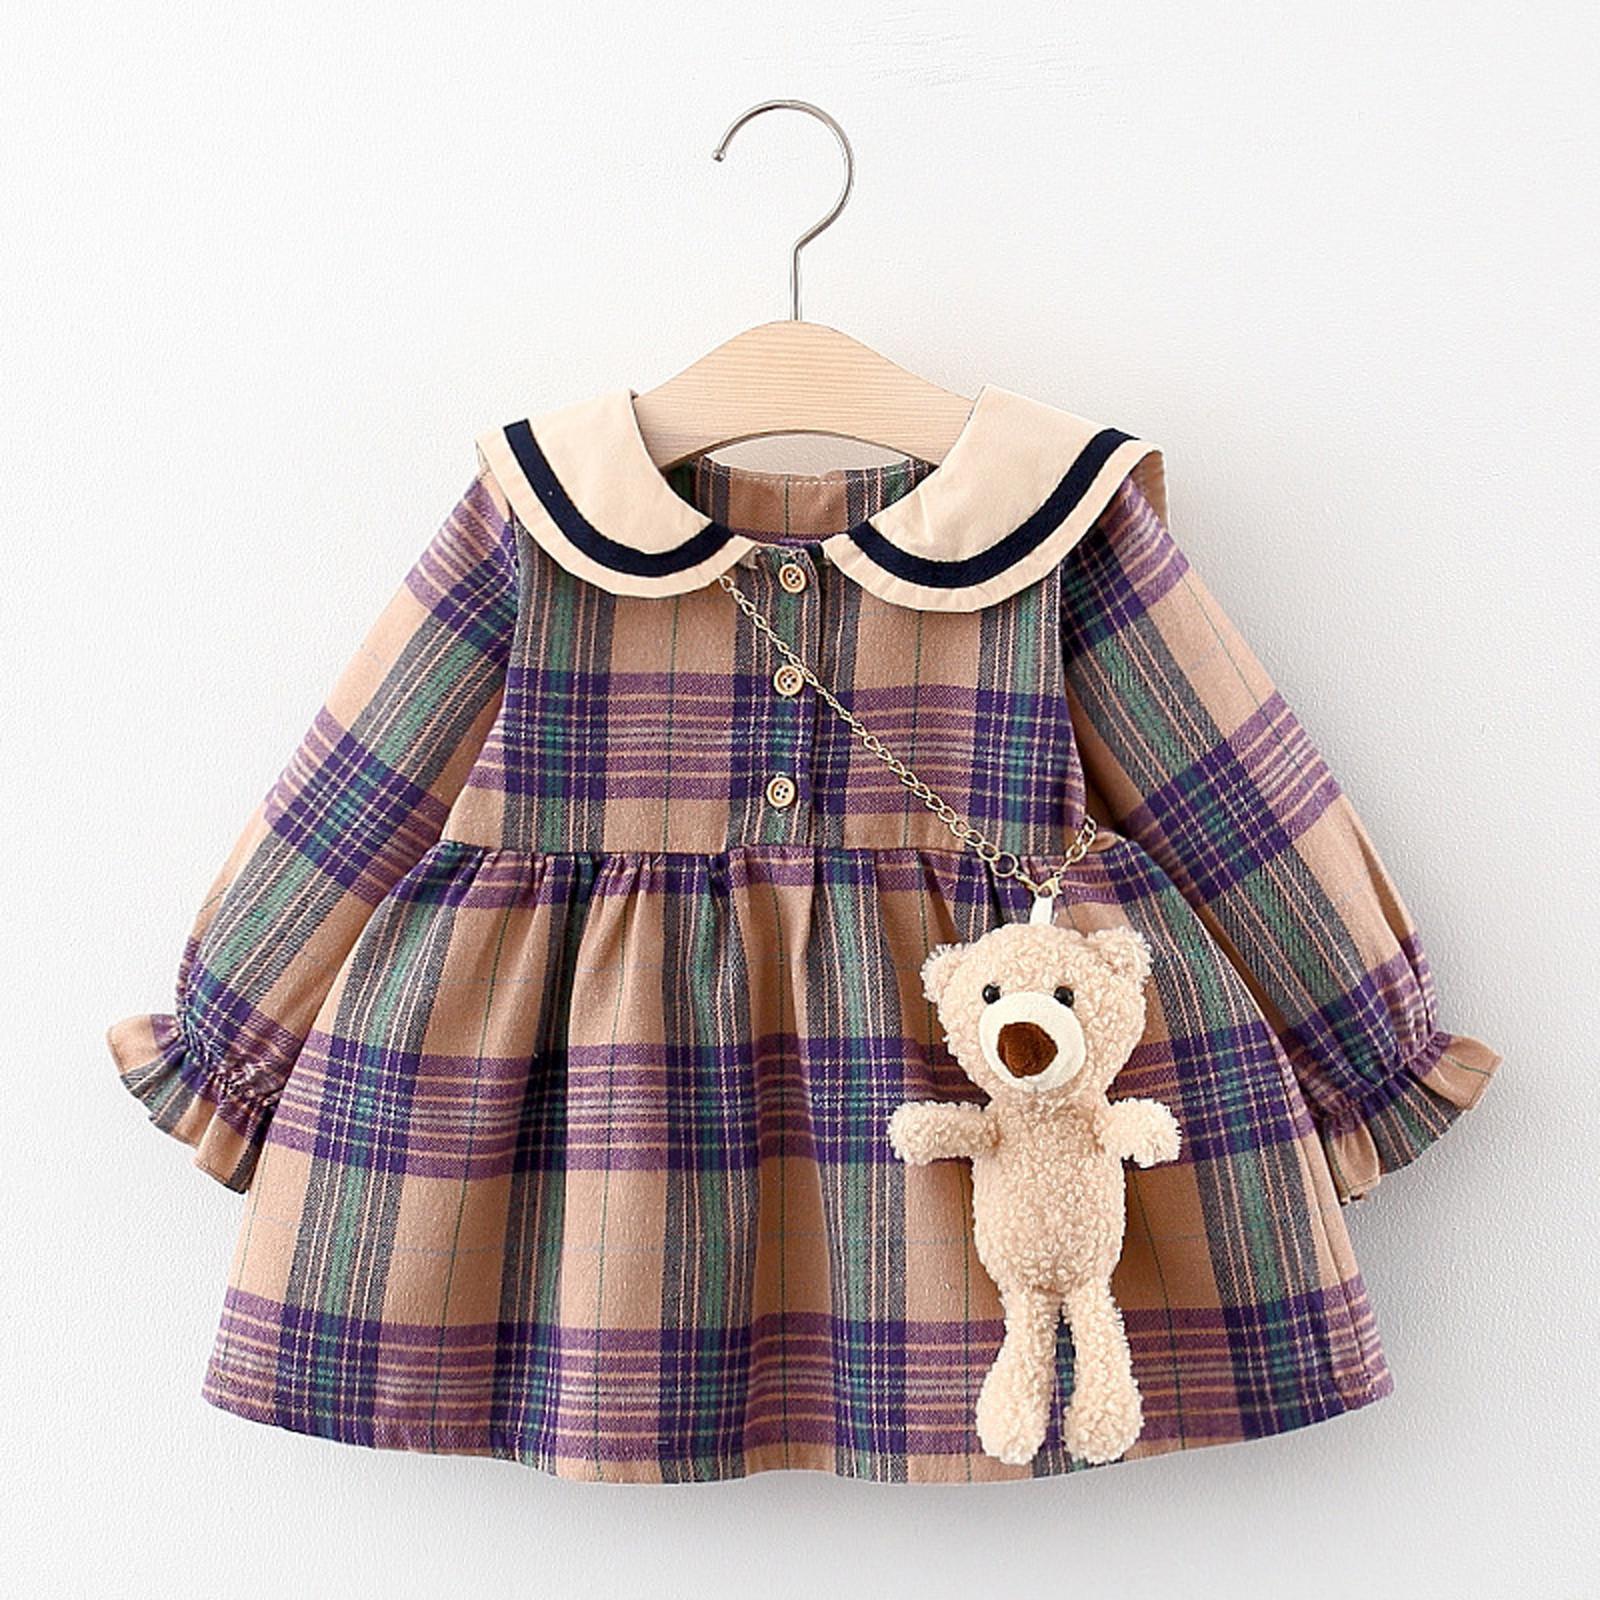 Niño recién nacido de los bebés para niños de la llamarada de la manga Rejillas Imprimir vestido de la princesa del vestido + de los sistemas del bolso del bebé del otoño ropa de las muchachas muchachas del vestido de conjuntos 1023